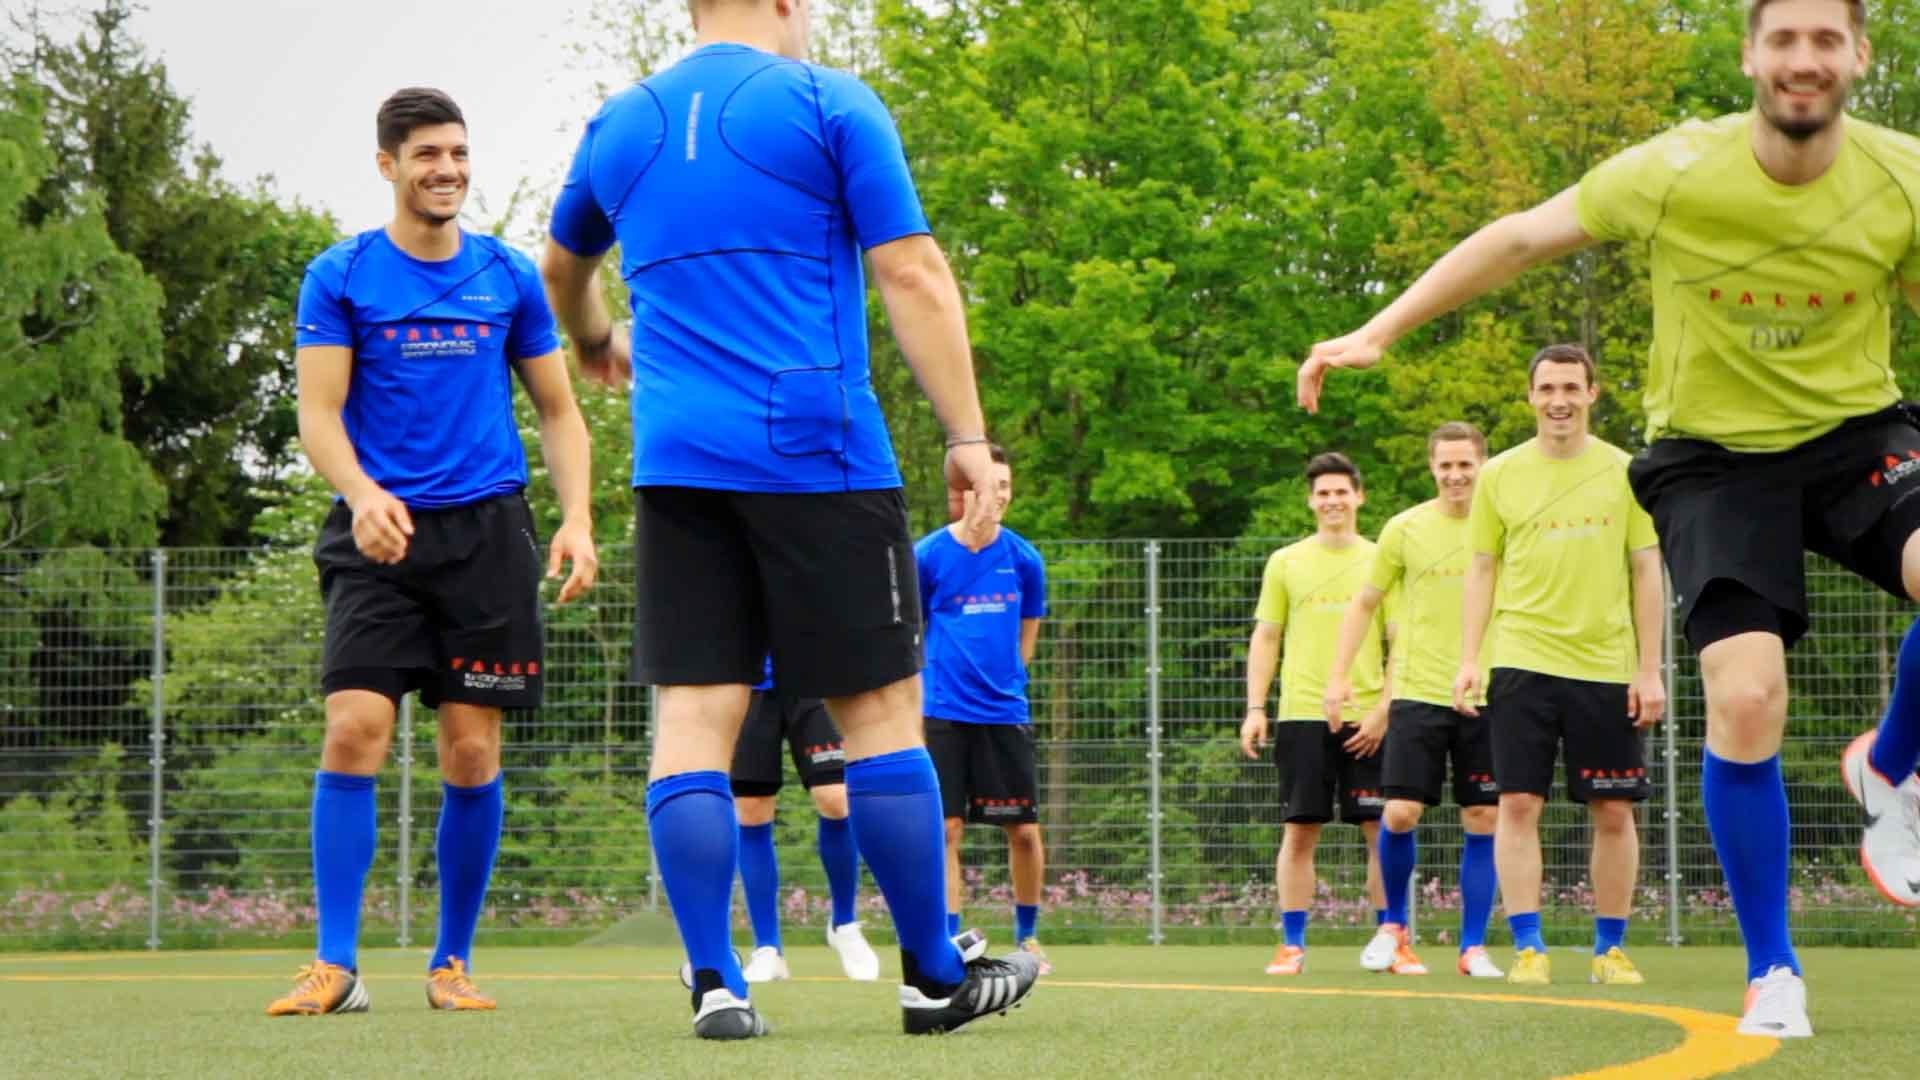 Verknüpfung mit Reizen zur besseren Koordination für Fußballer